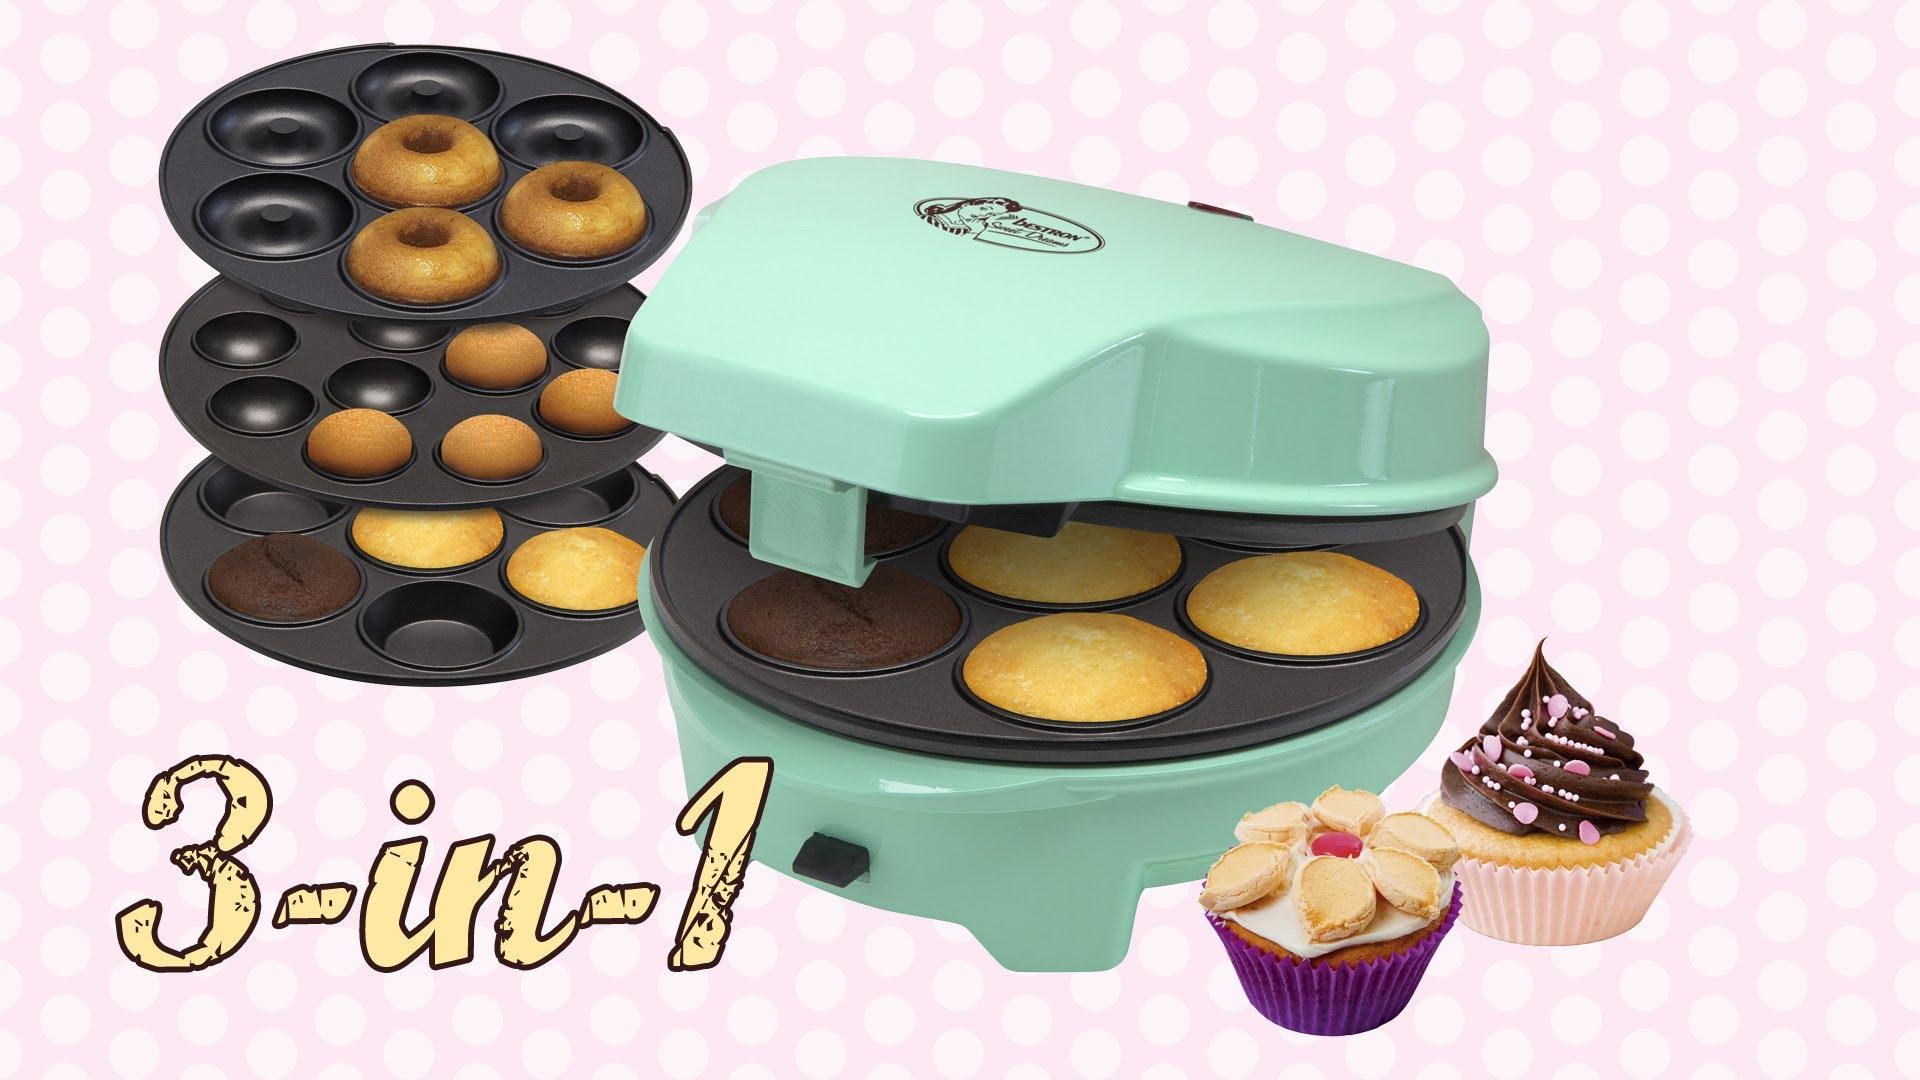 appareil à cupcake